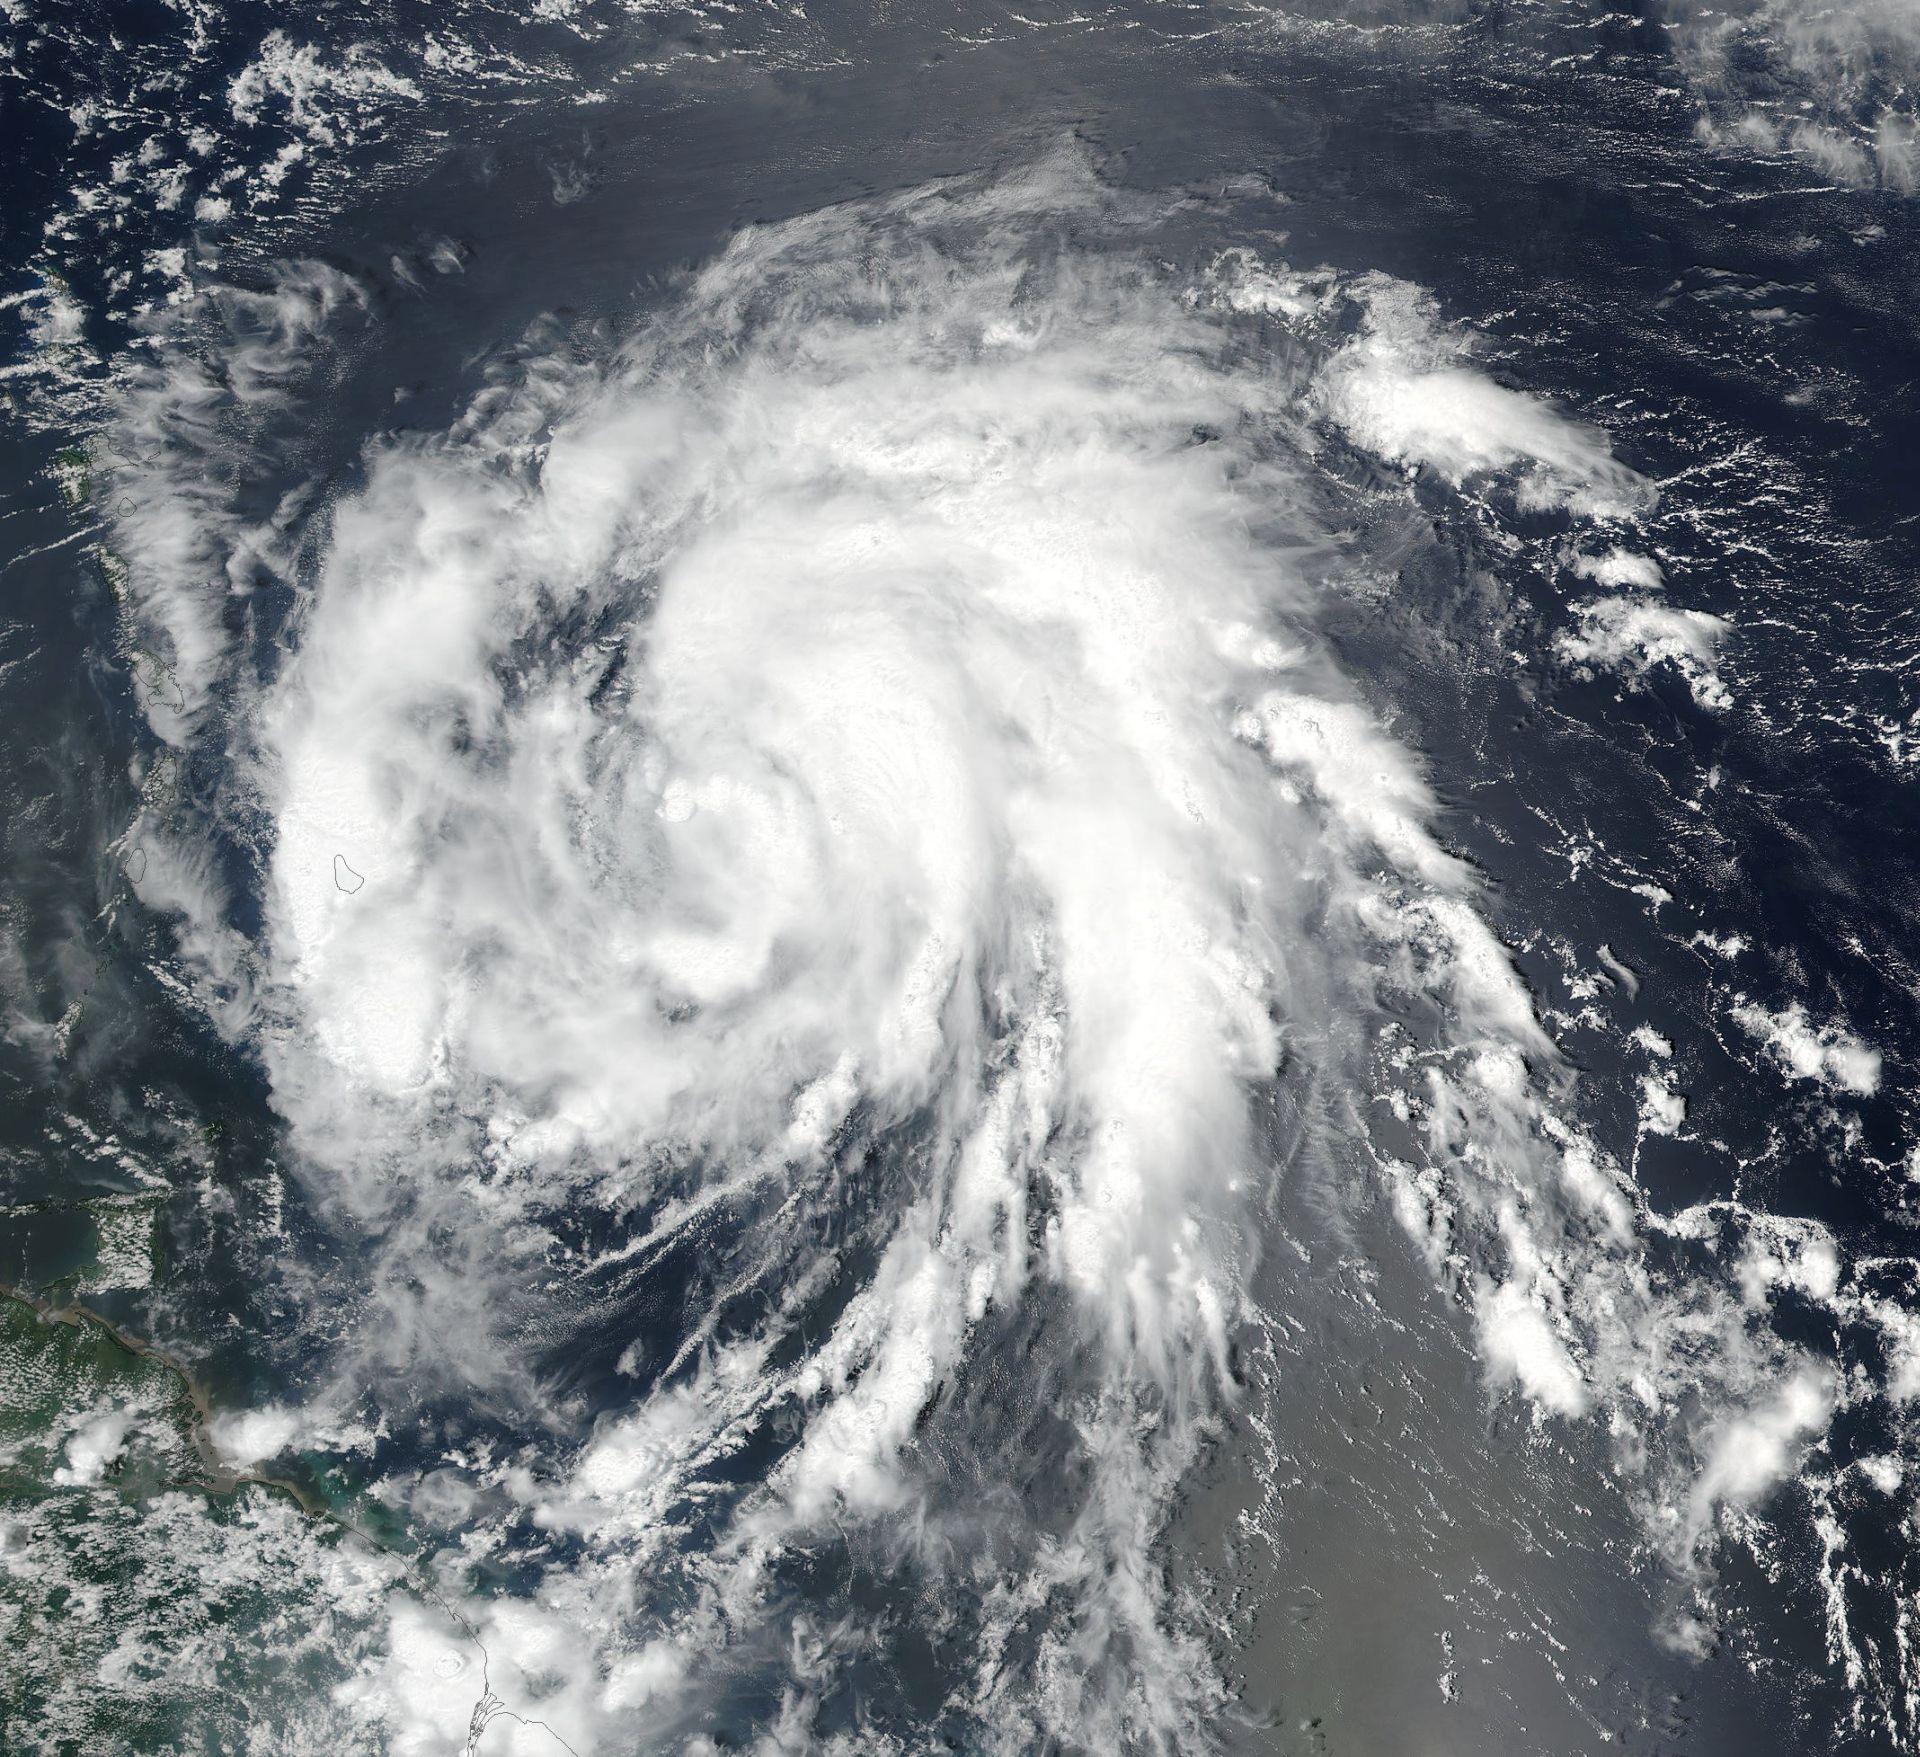 Istočna obala SAD-a evakuirana zbog uragana Florence